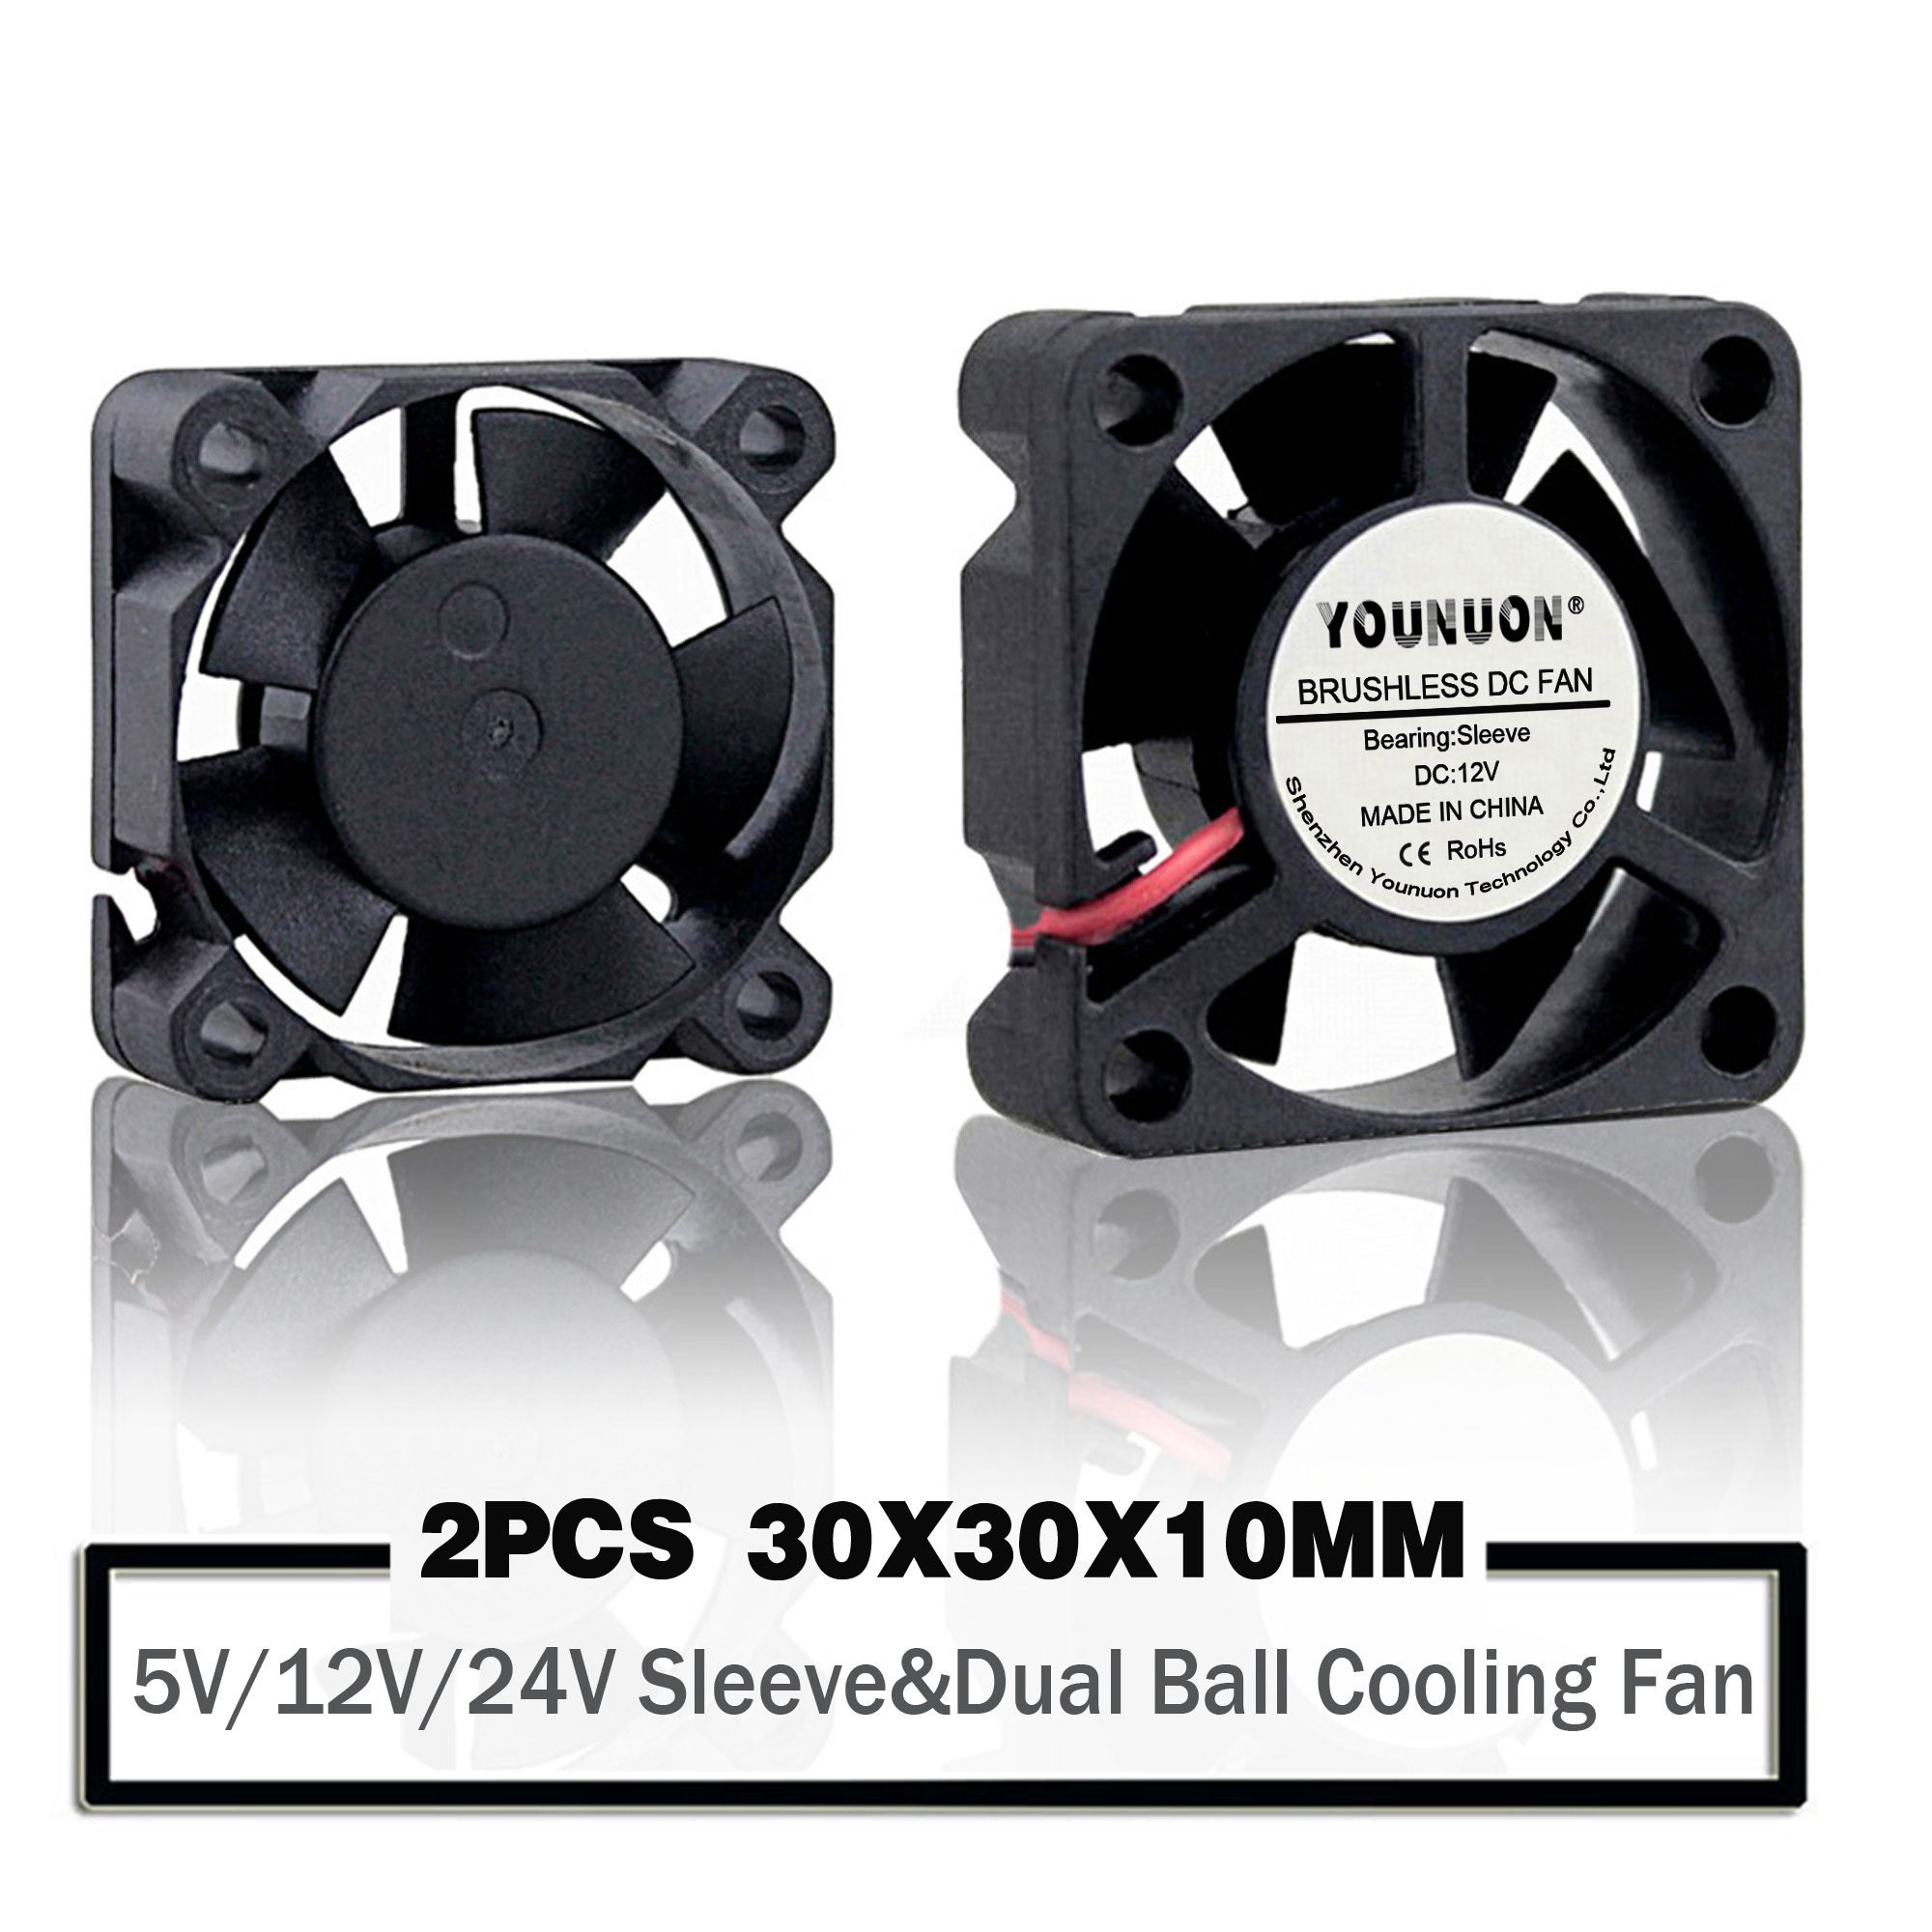 3010 DC Mini Brushless PC Fan 5V Ultra Tiny Micro 5 Blade 2Pin 30mm x30mm x10mm